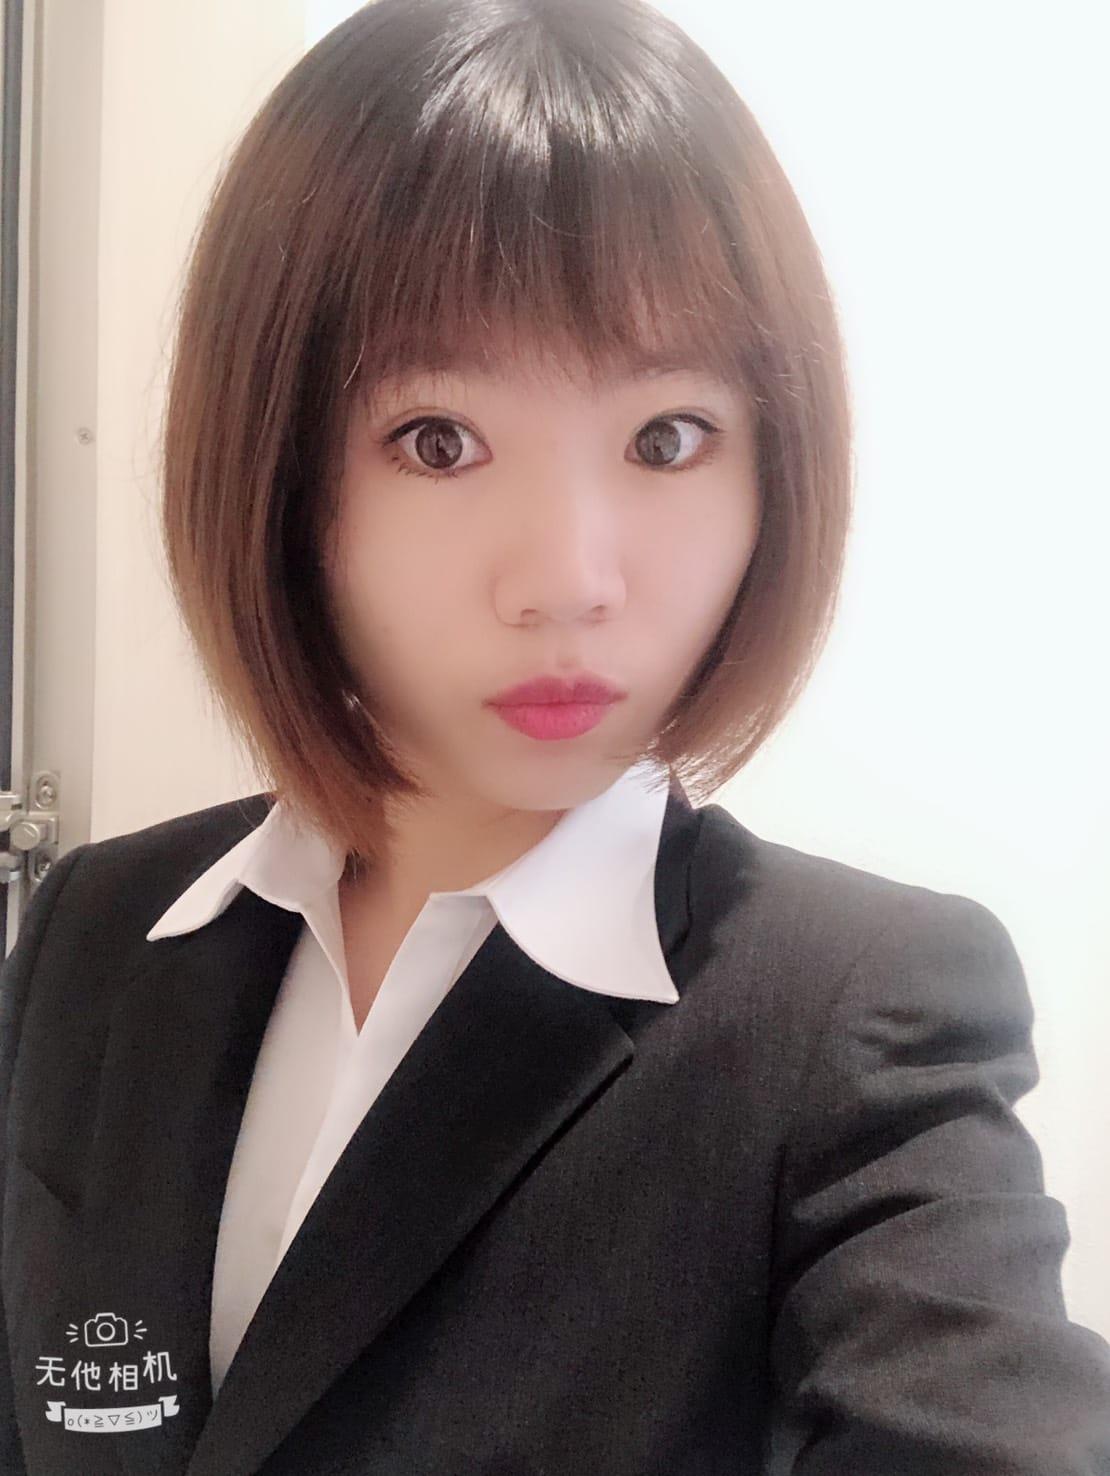 「女子大生 るい♡♡」10/13(日) 10:06   るいの写メ・風俗動画